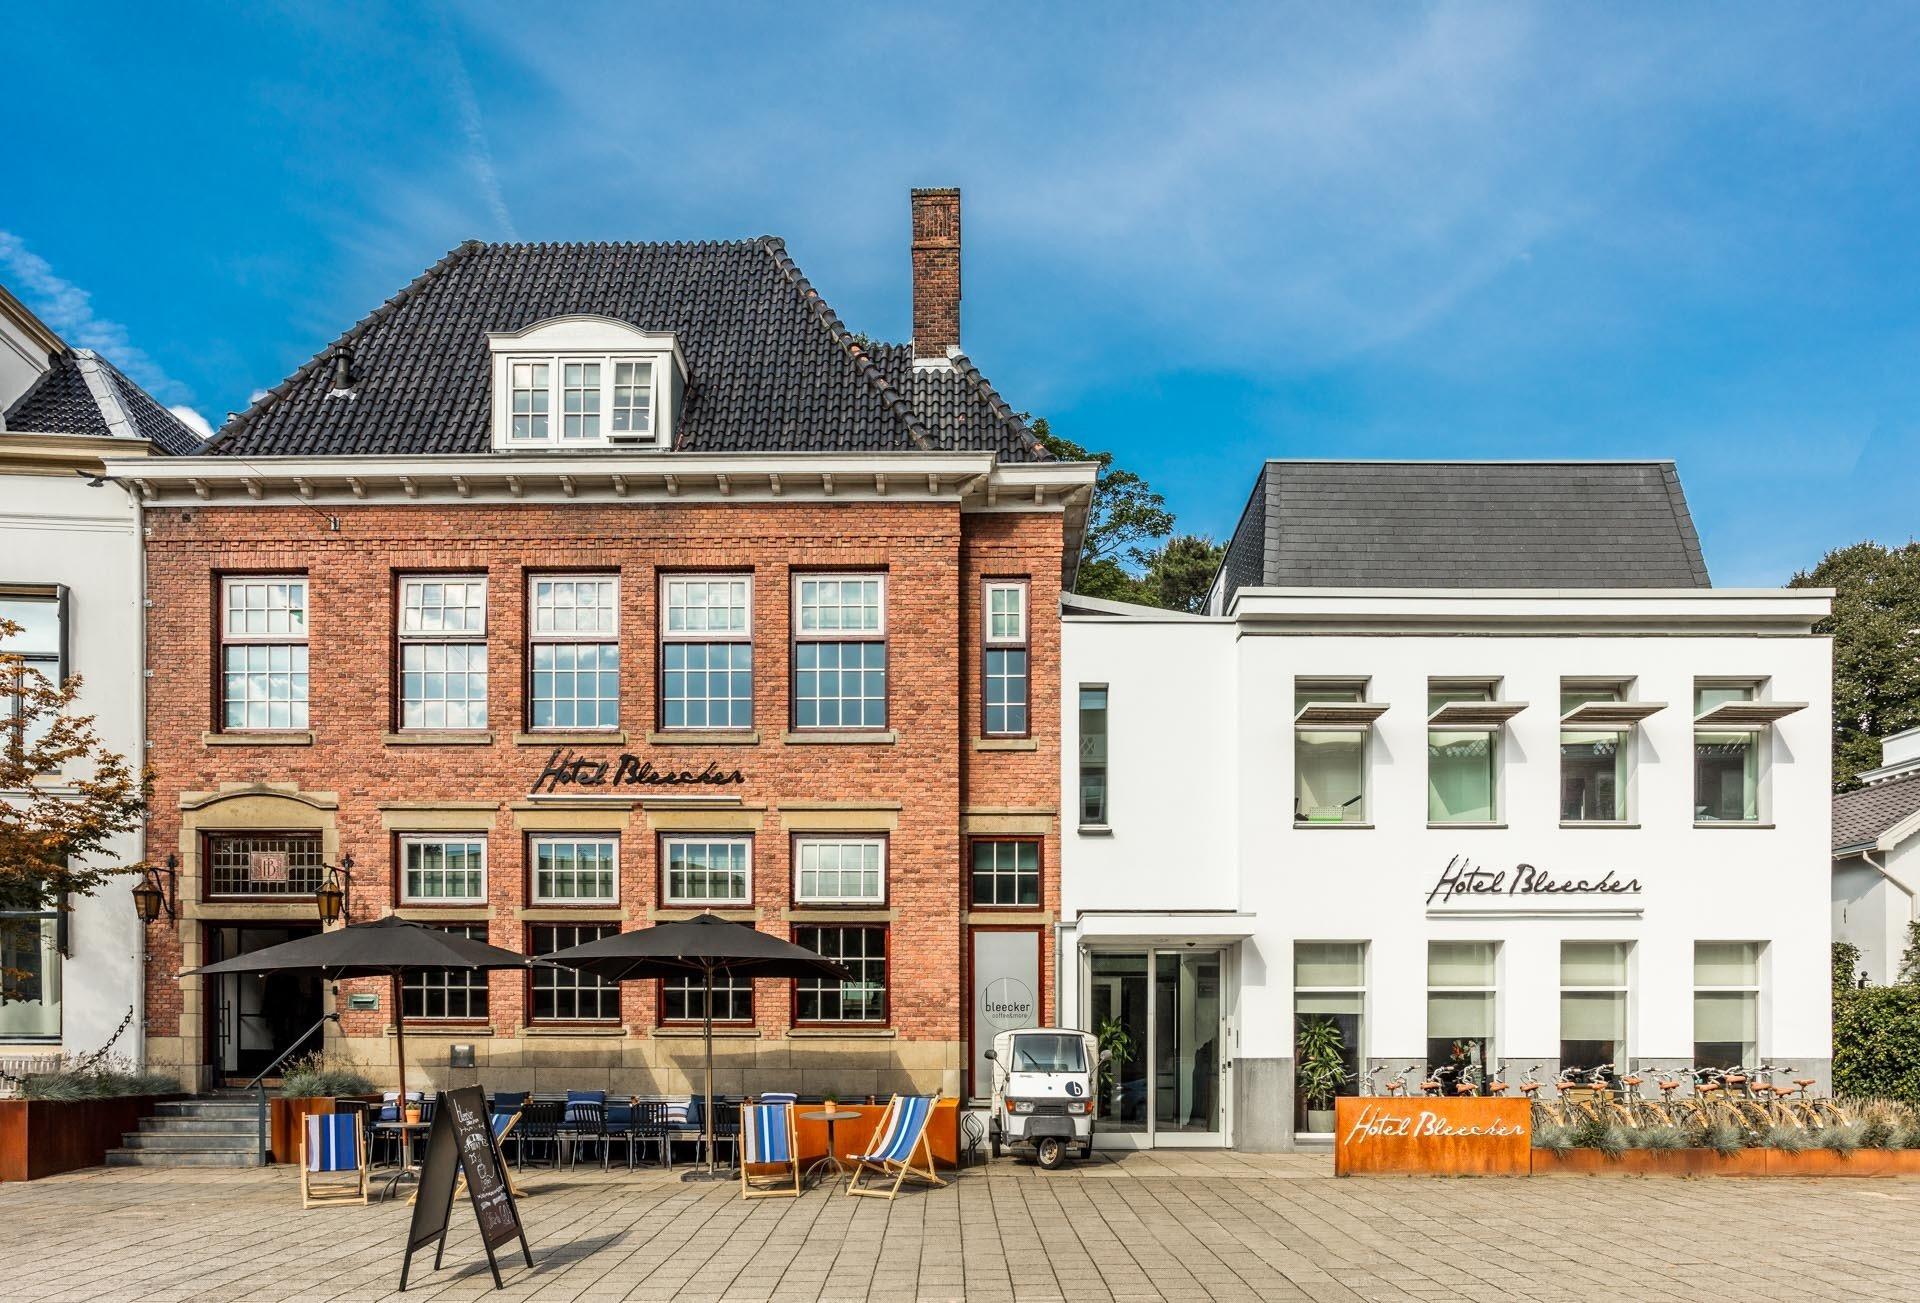 3 dagen luxe 4*-boutique hotel in <b>Bloemendaal</b> nabij <b>Haarlem</b> en de